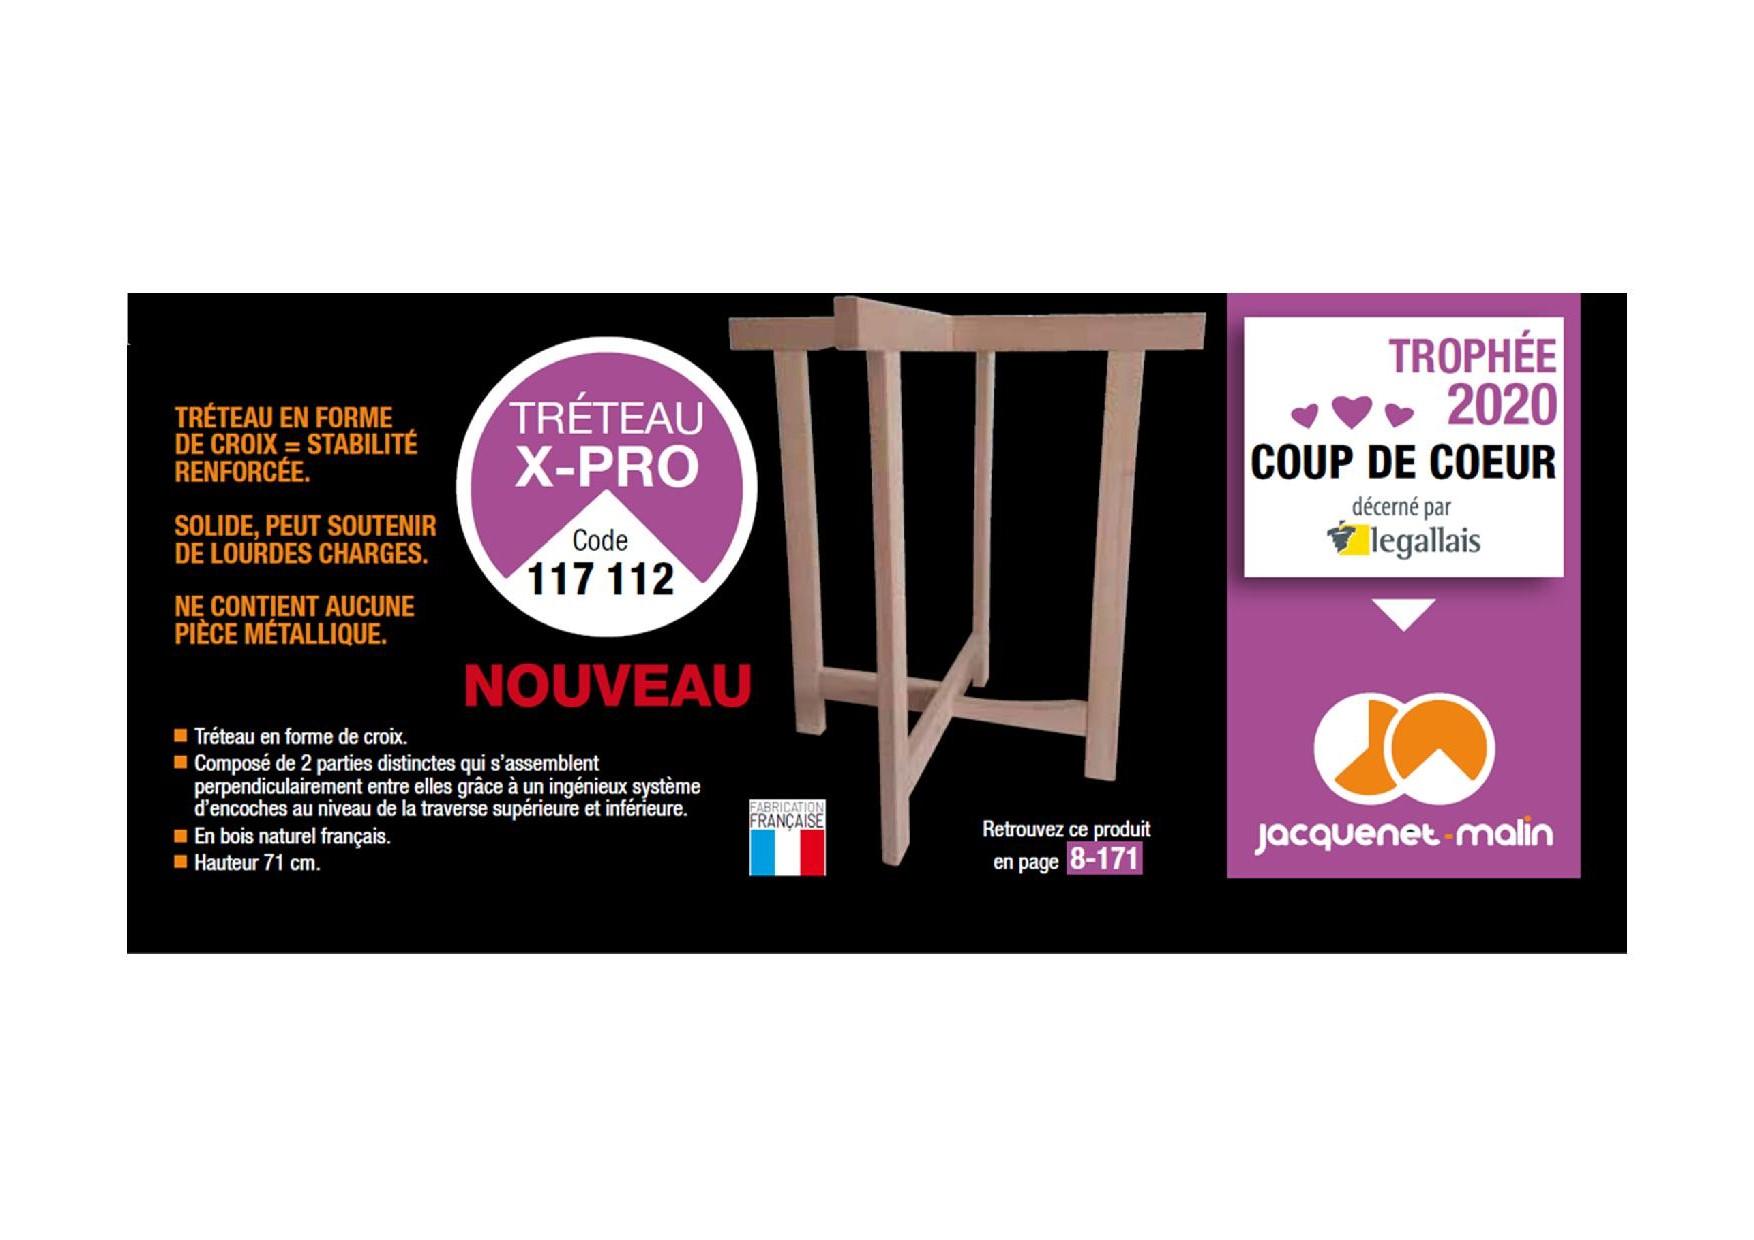 ./data/upload/Legallais_Trophée-coup-de-coeur-2020.jpg